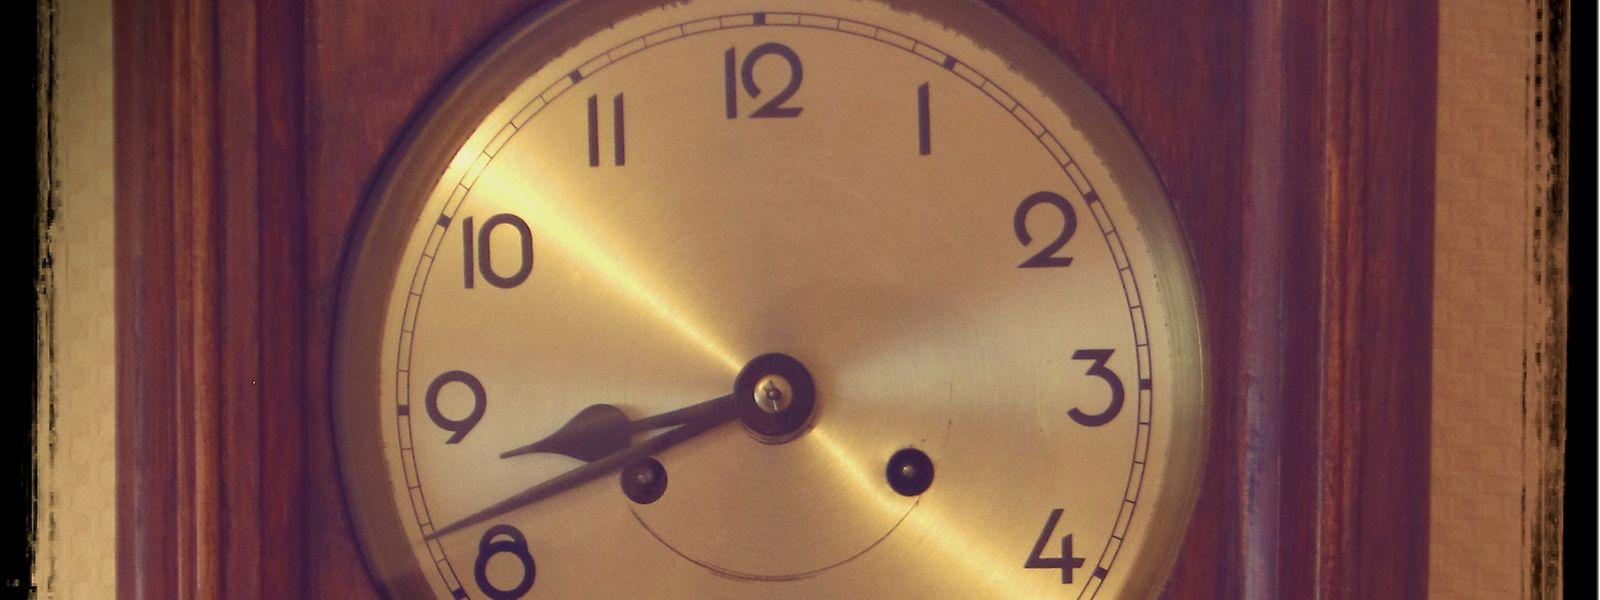 Im Advent werden wir daran erinnert, dass unsere Zeit begrenzt ist, und wir diese nutzen sollen um verantwortlich zu leben.